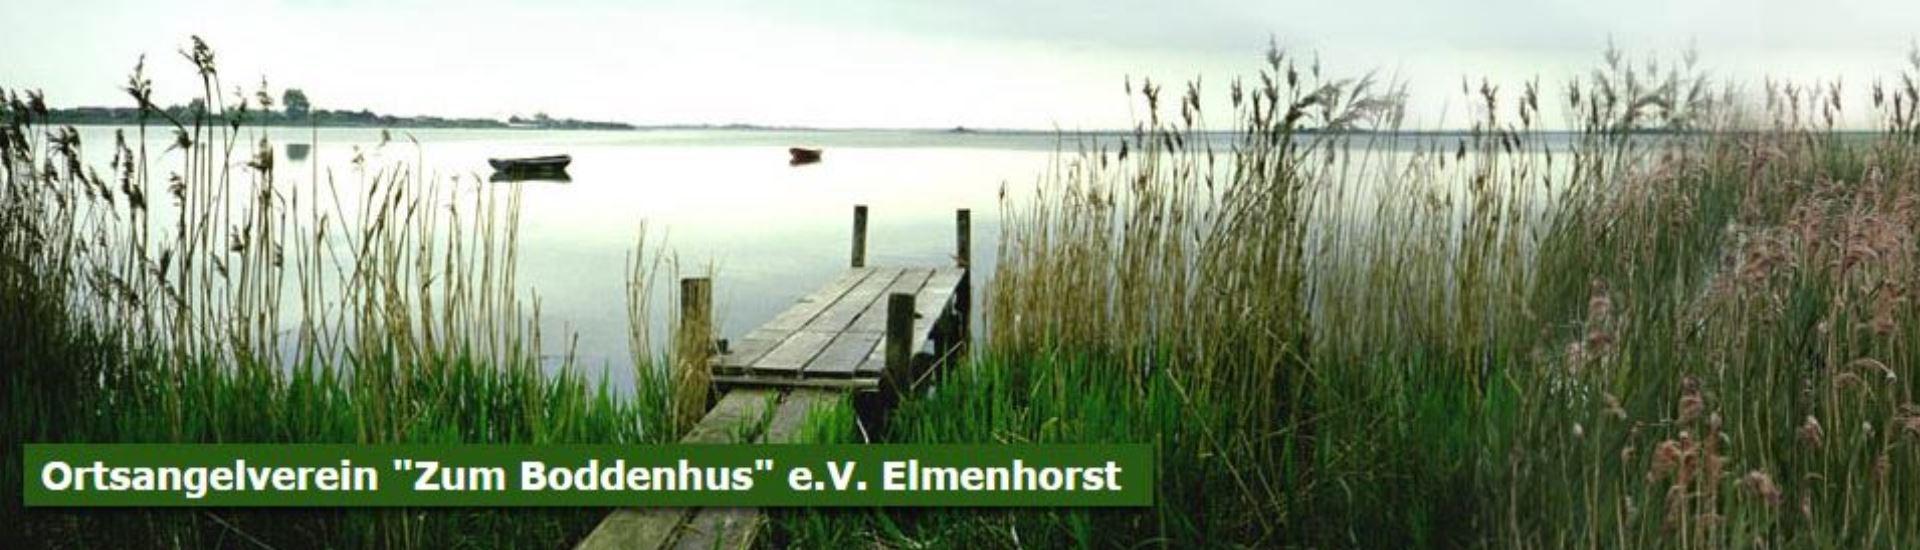 """Ortsangelverein """"Zum Boddenhus"""" e. V. Elmenhorst"""